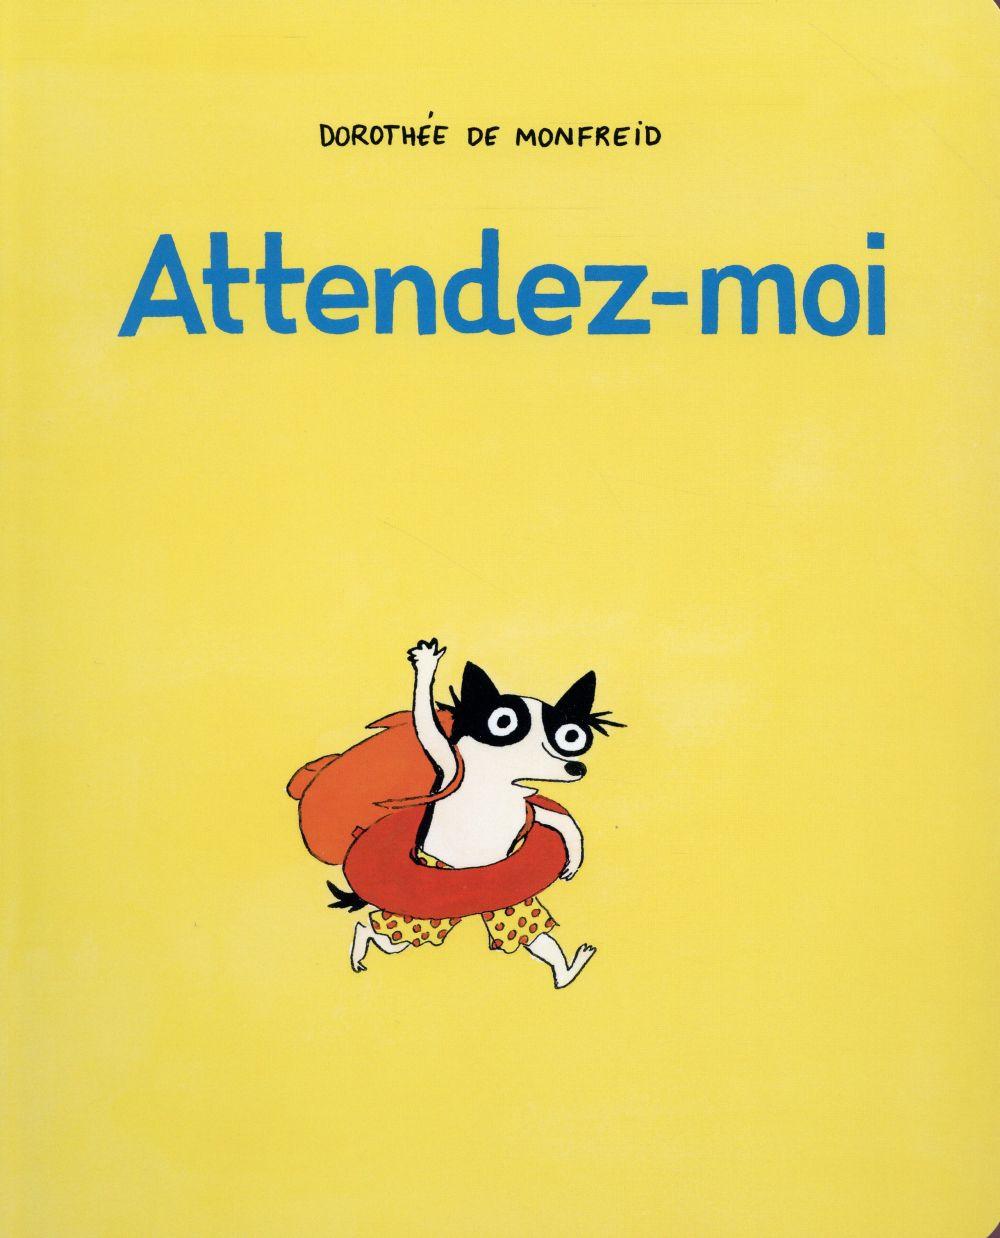 ATTENDEZ-MOI